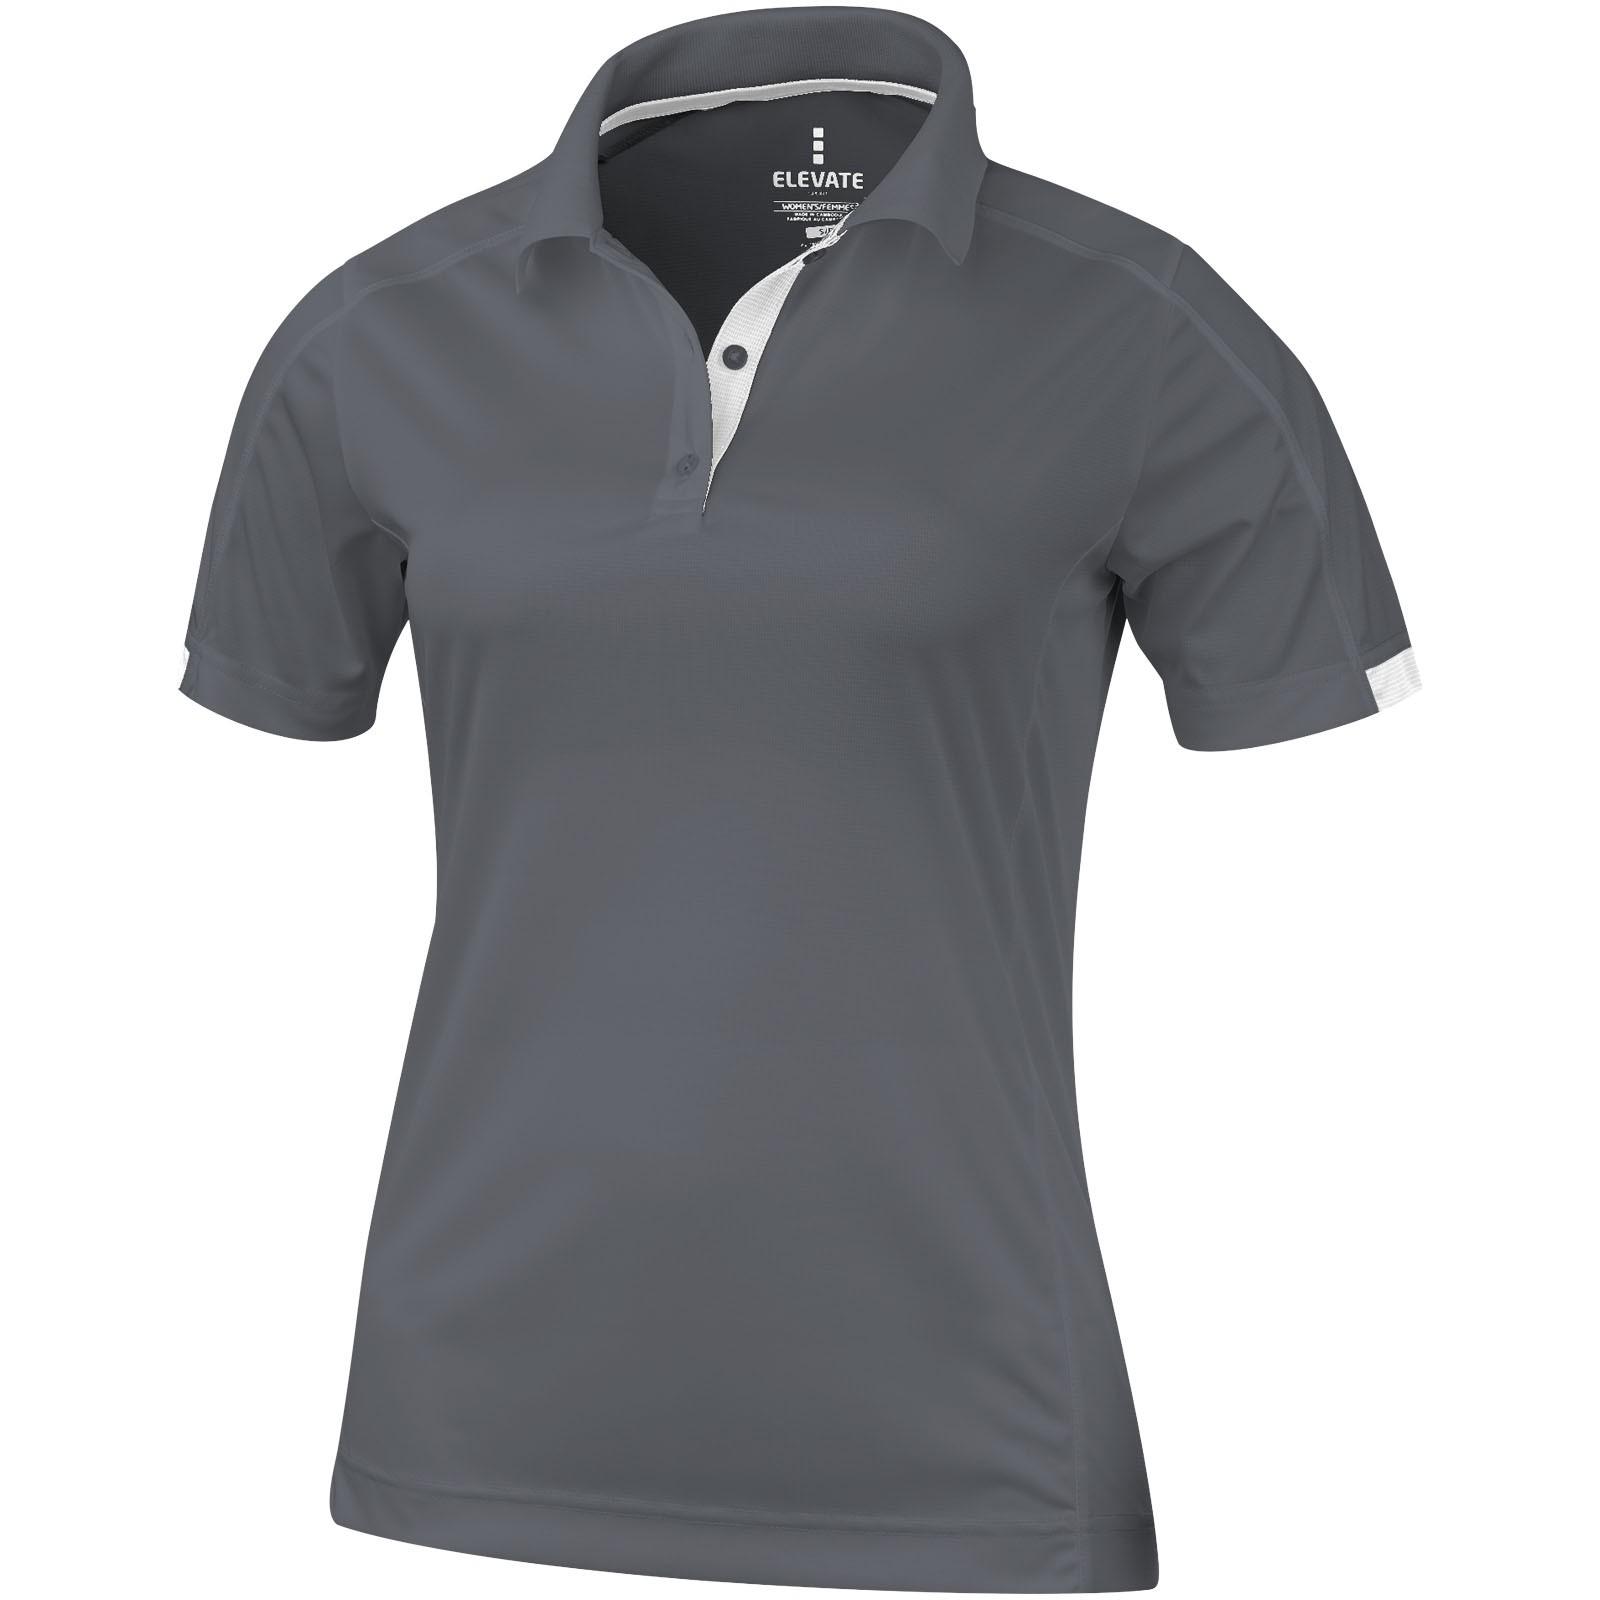 Kiso short sleeve women's cool fit polo - Steel Grey / XL